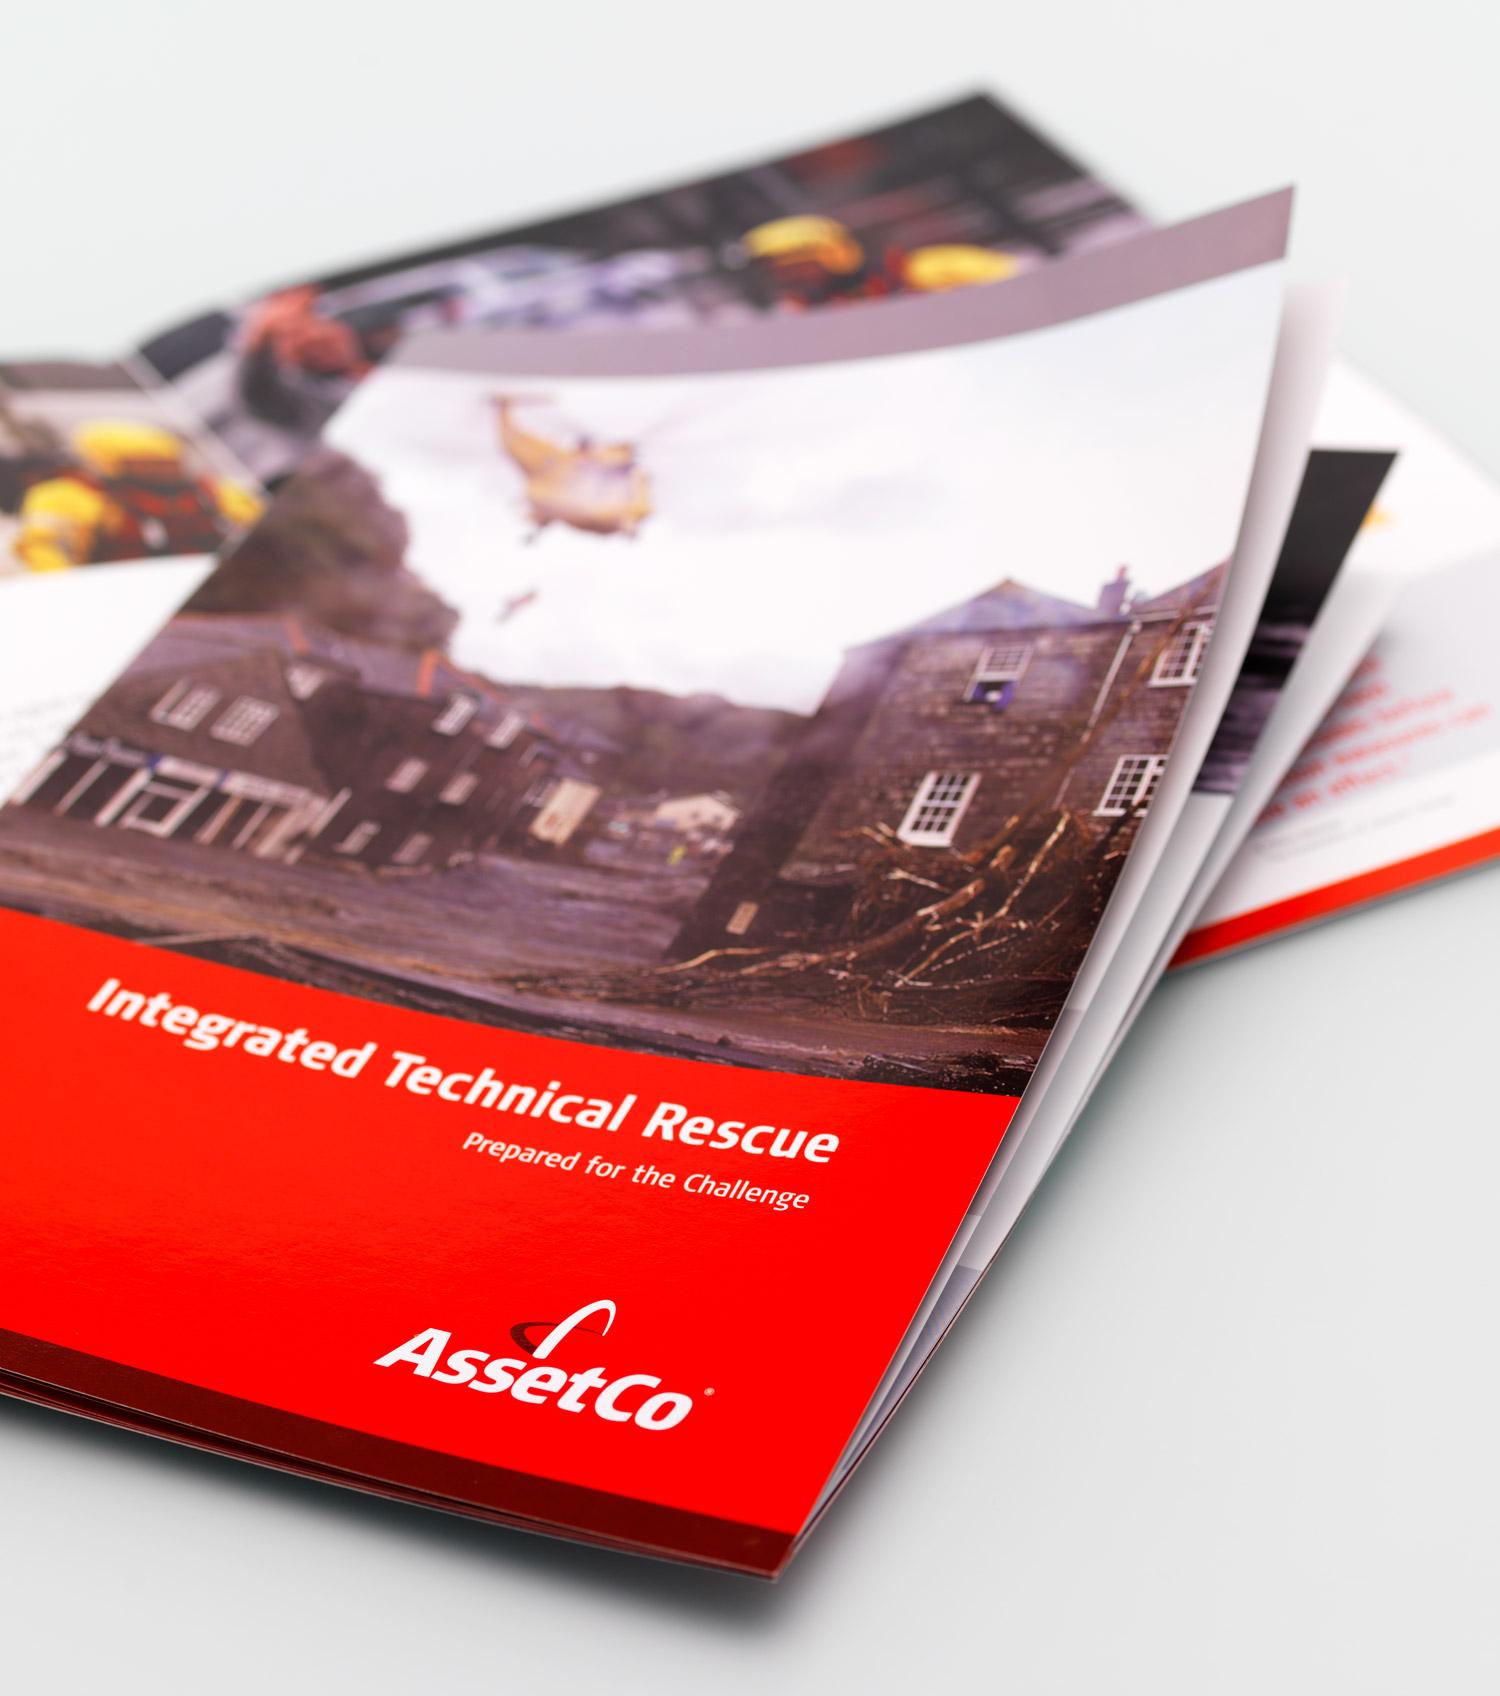 AssetCo Brochure